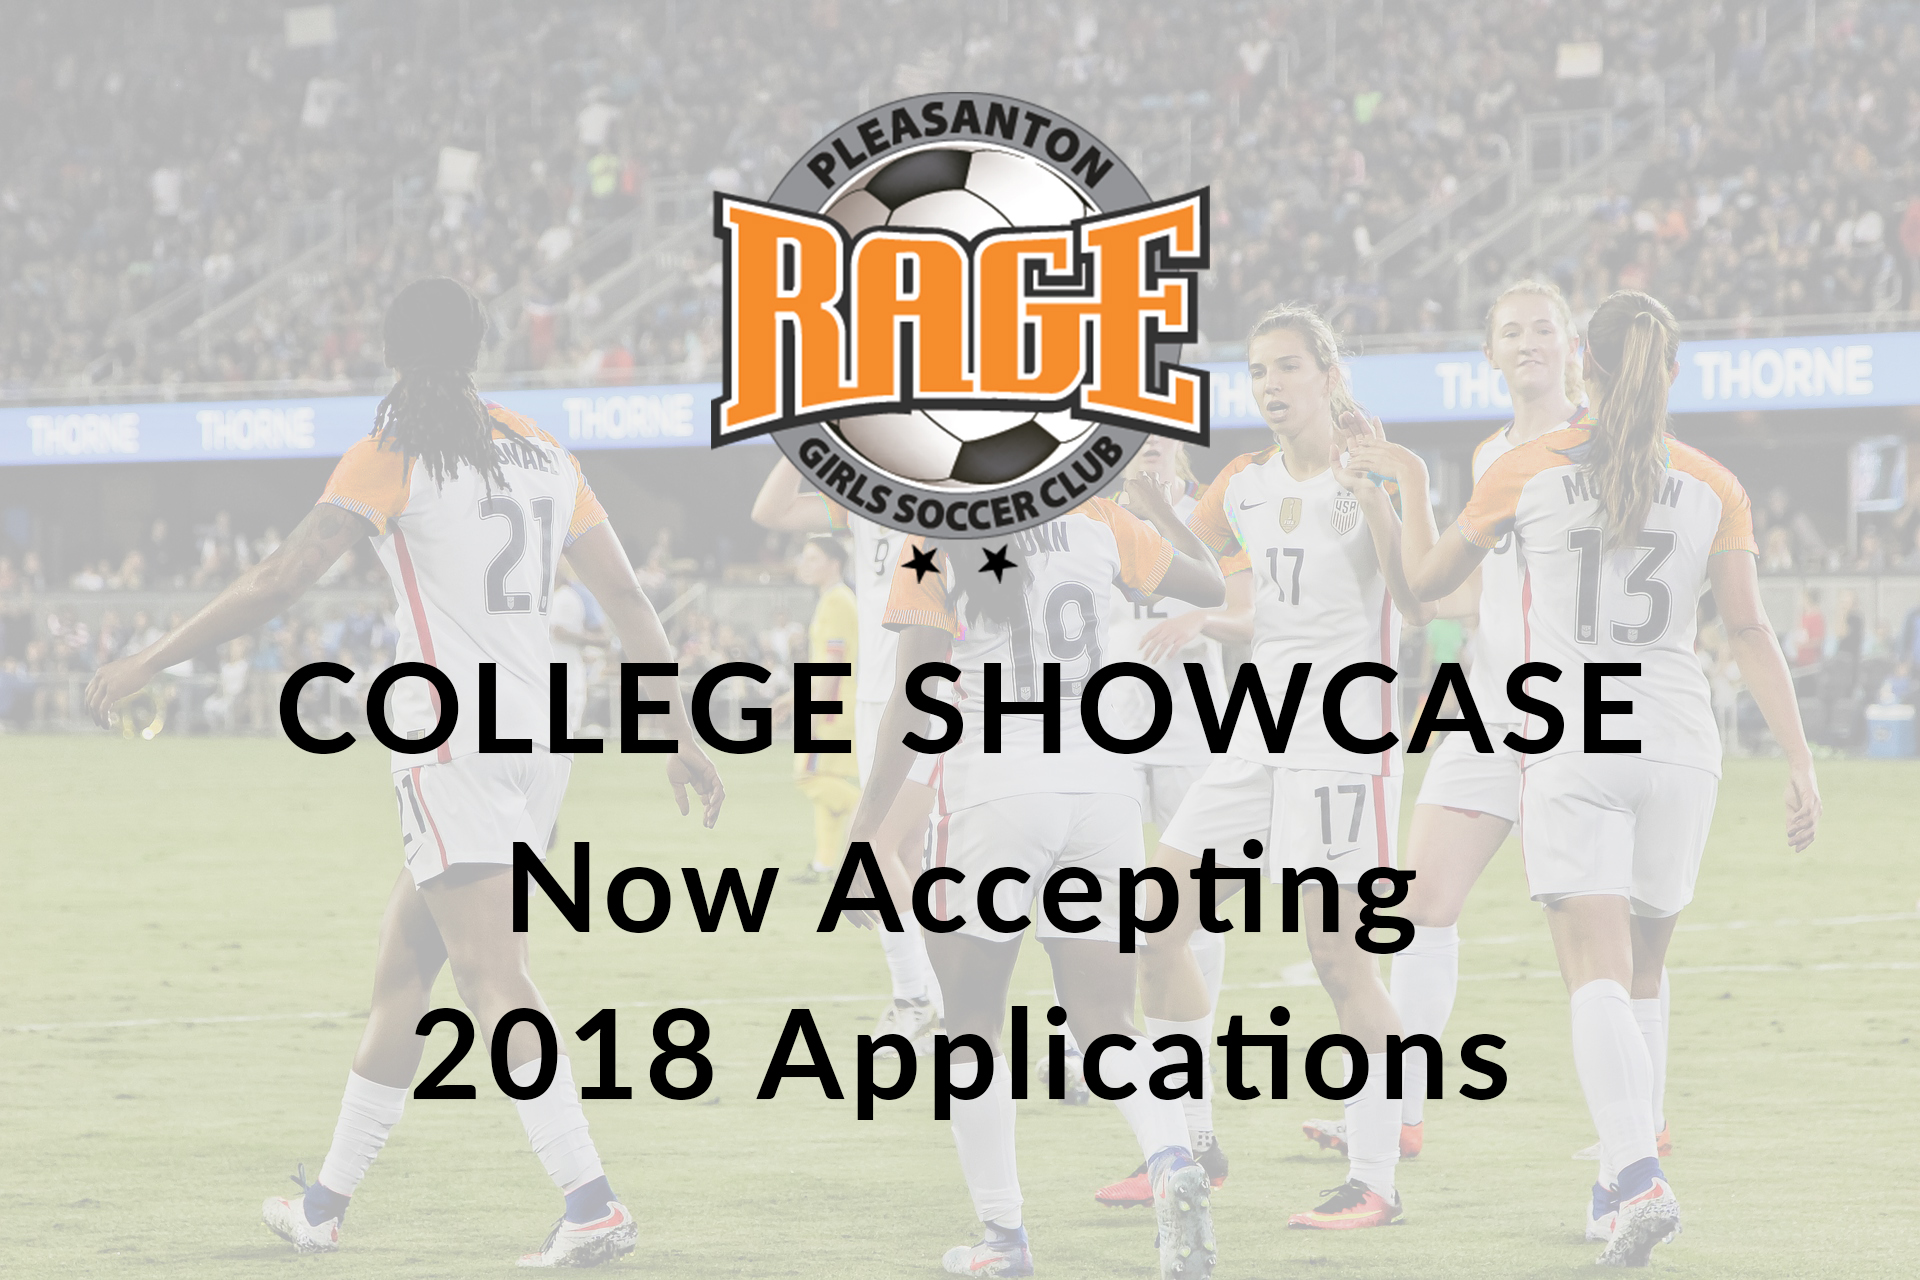 College Showcase App 2018